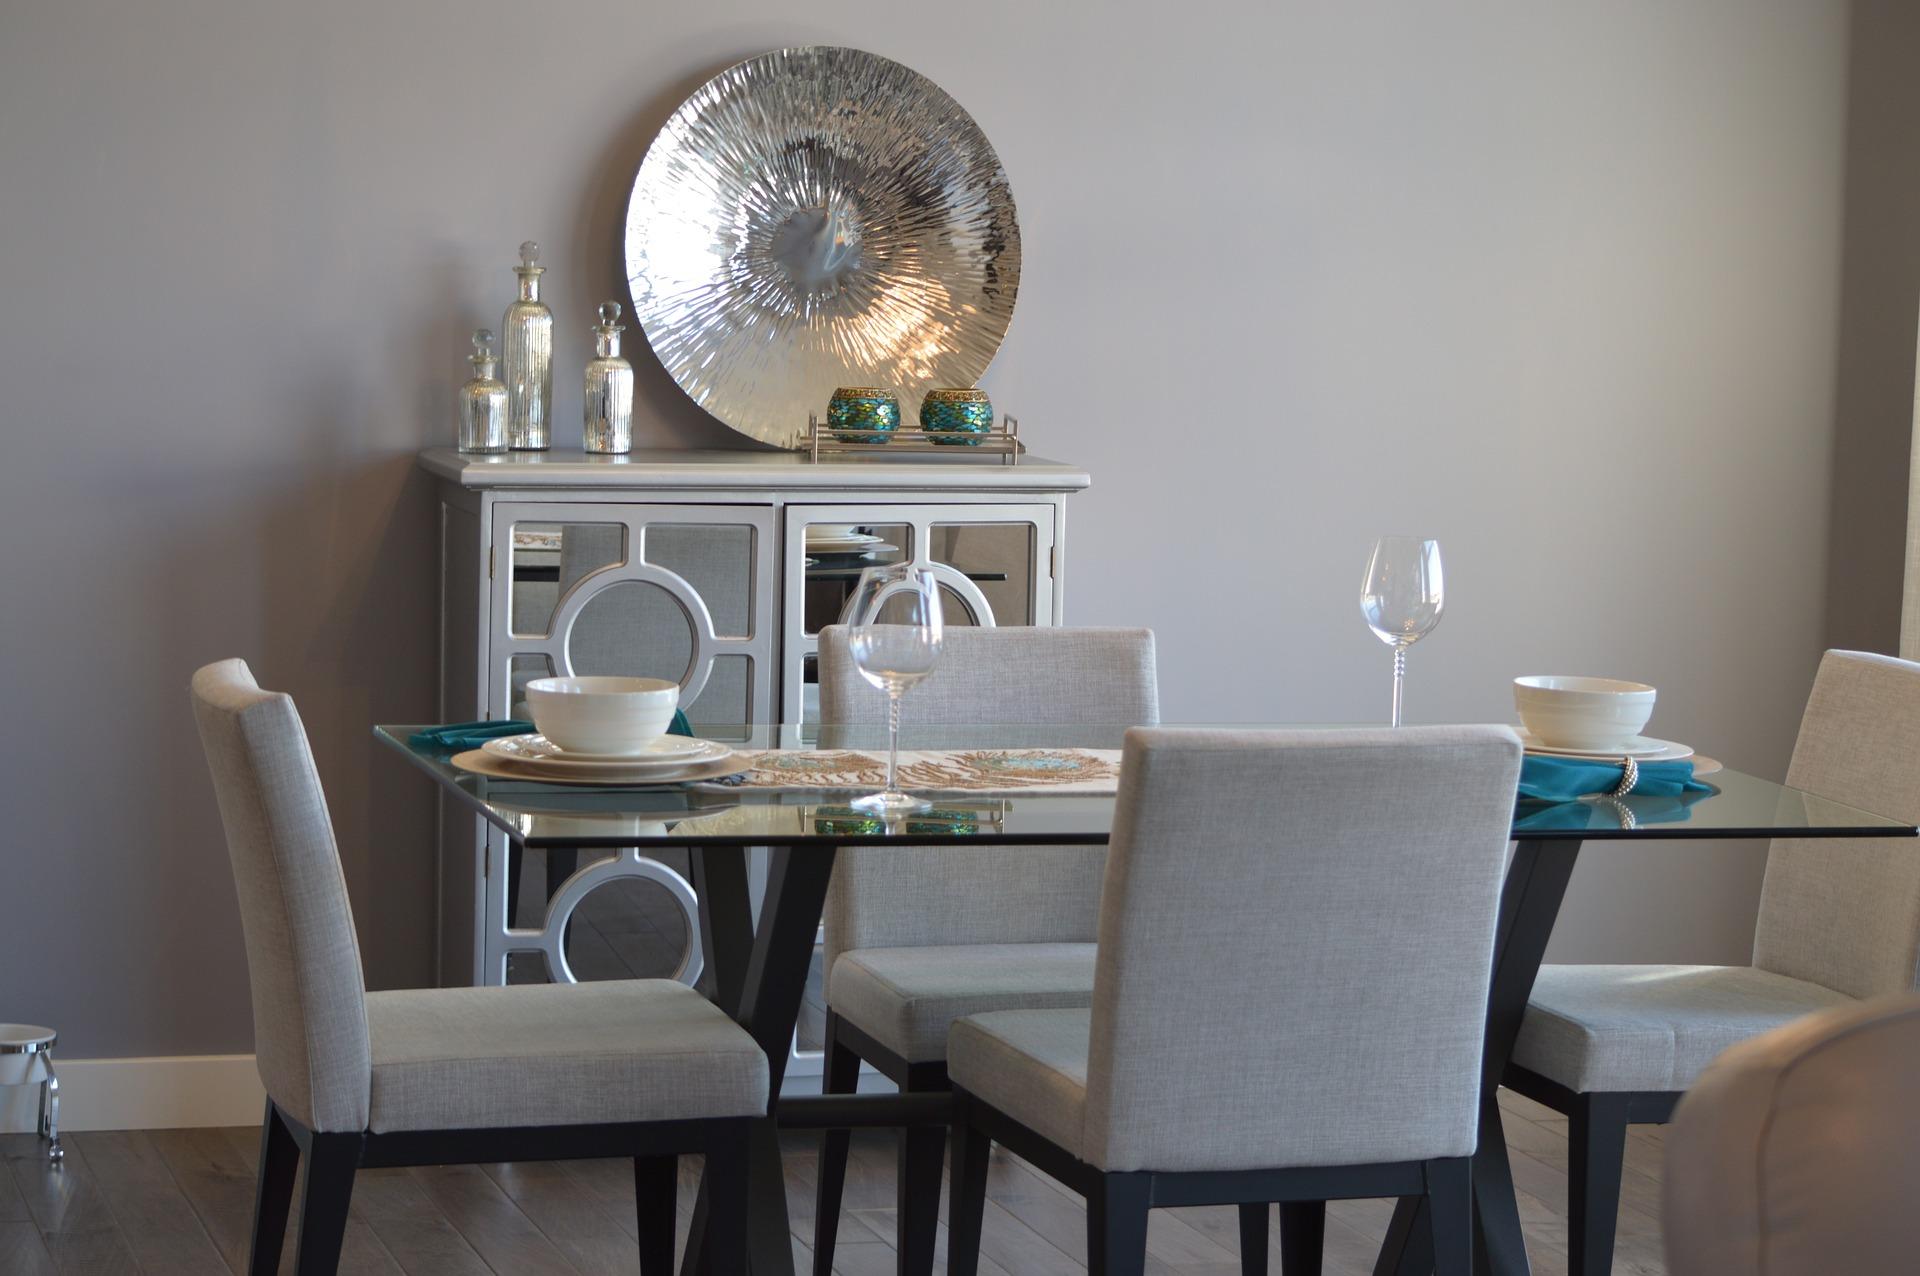 dining-room-1006525_1920.jpg